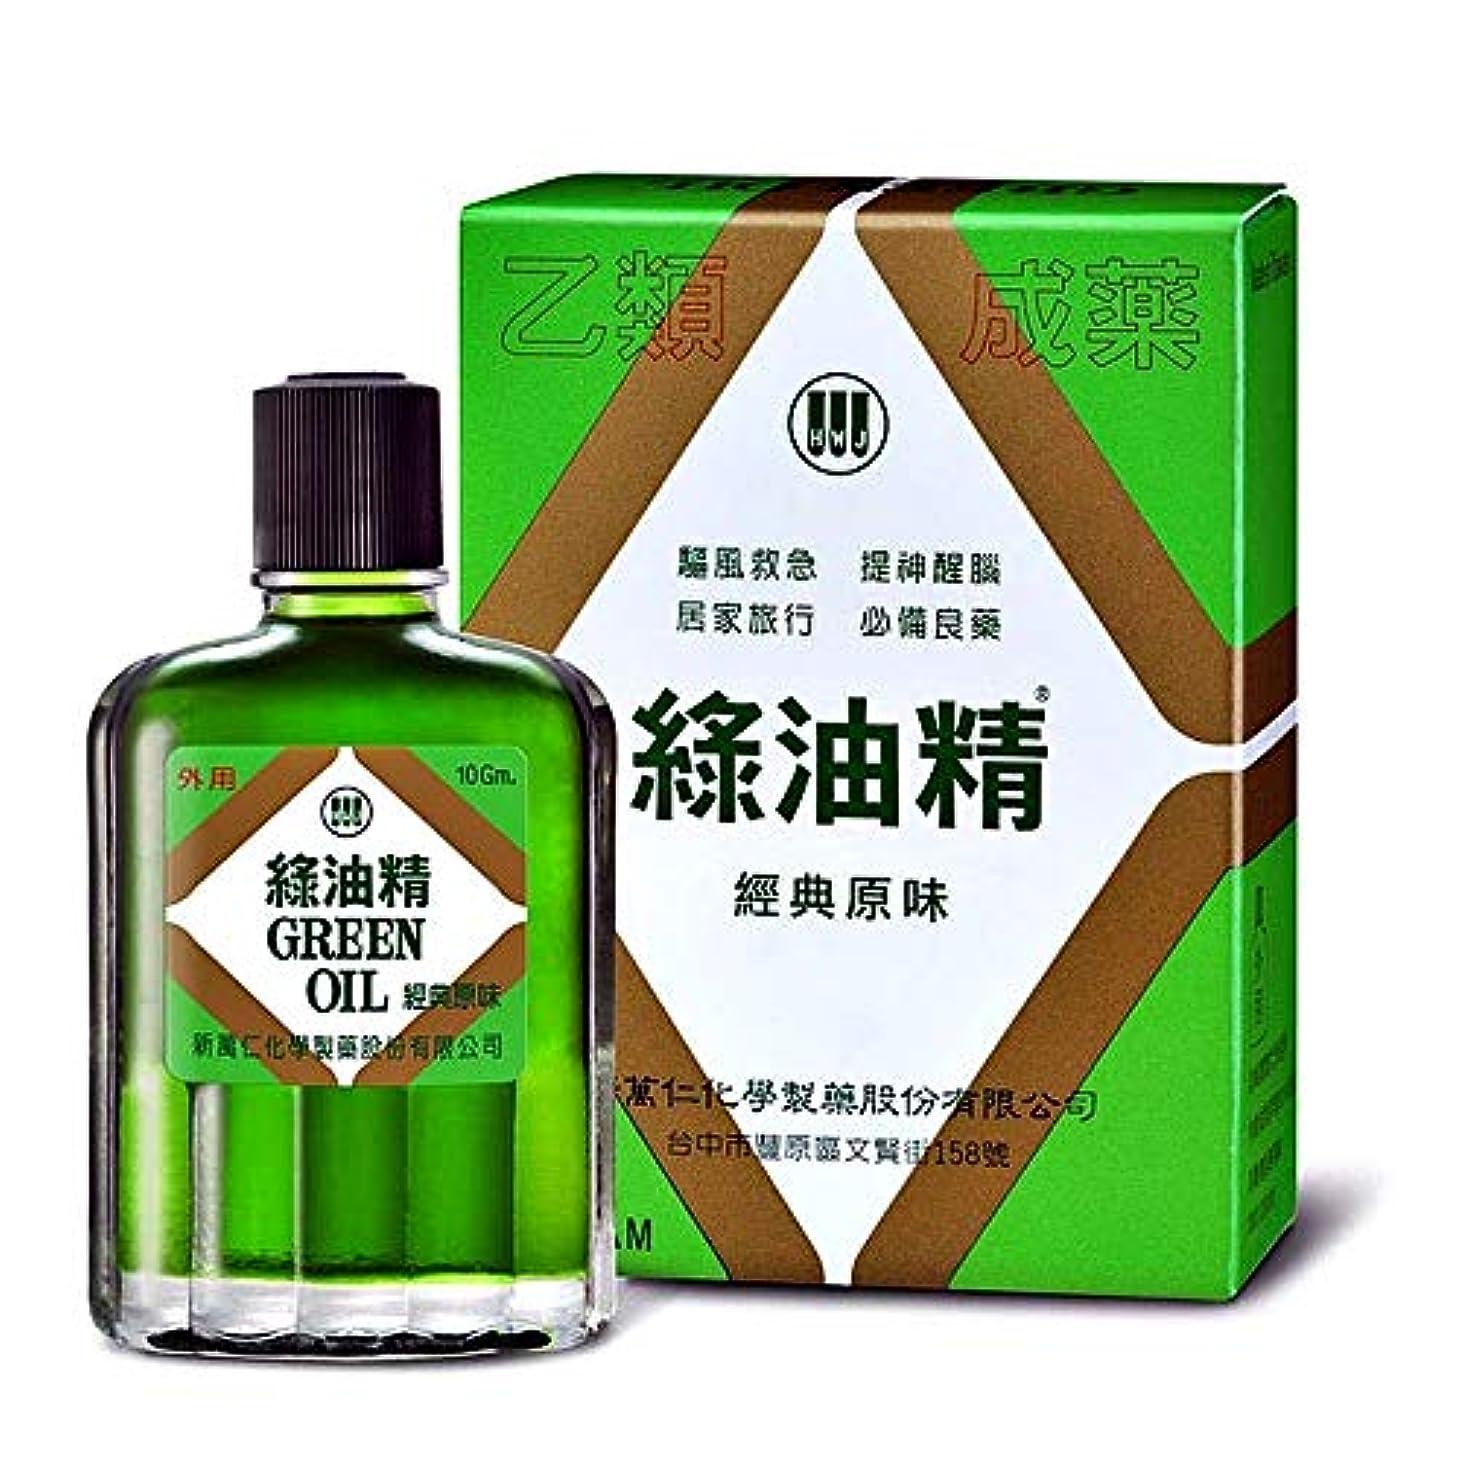 導体衰えるミス《新萬仁》台湾の万能グリーンオイル 緑油精 10g 《台湾 お土産》 [並行輸入品]